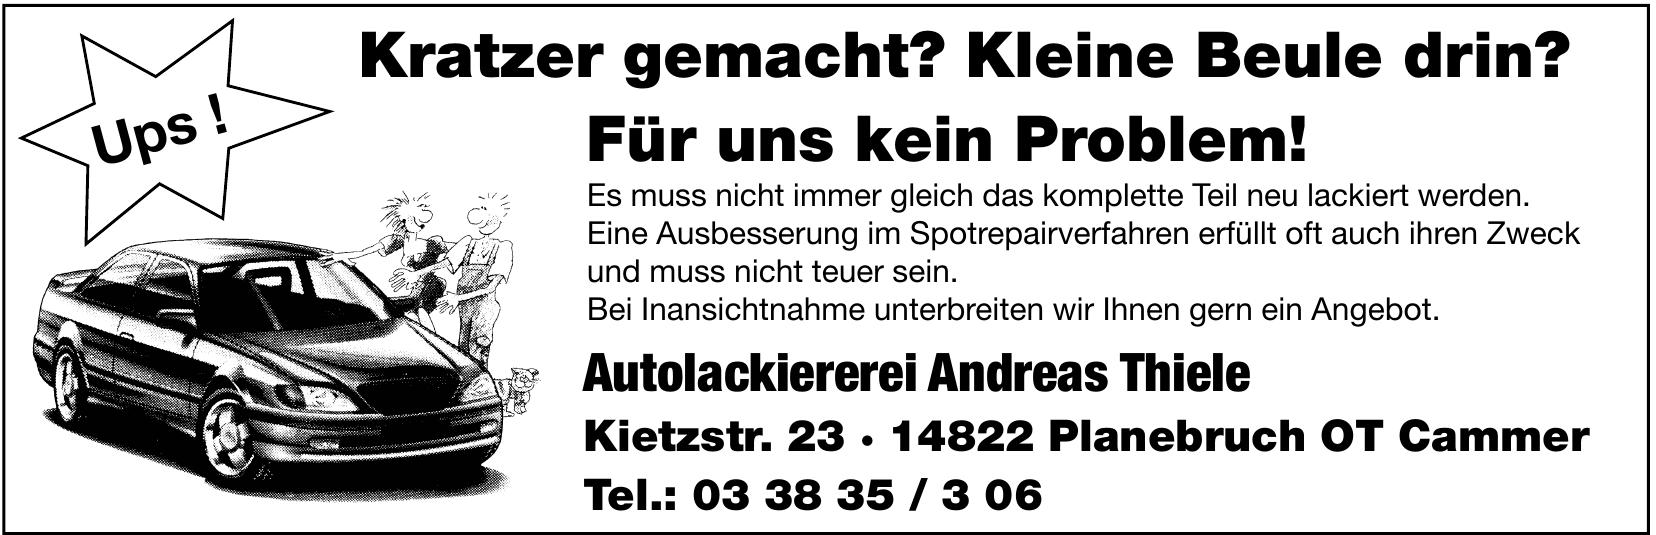 Autolackiererei Andreas Thiele